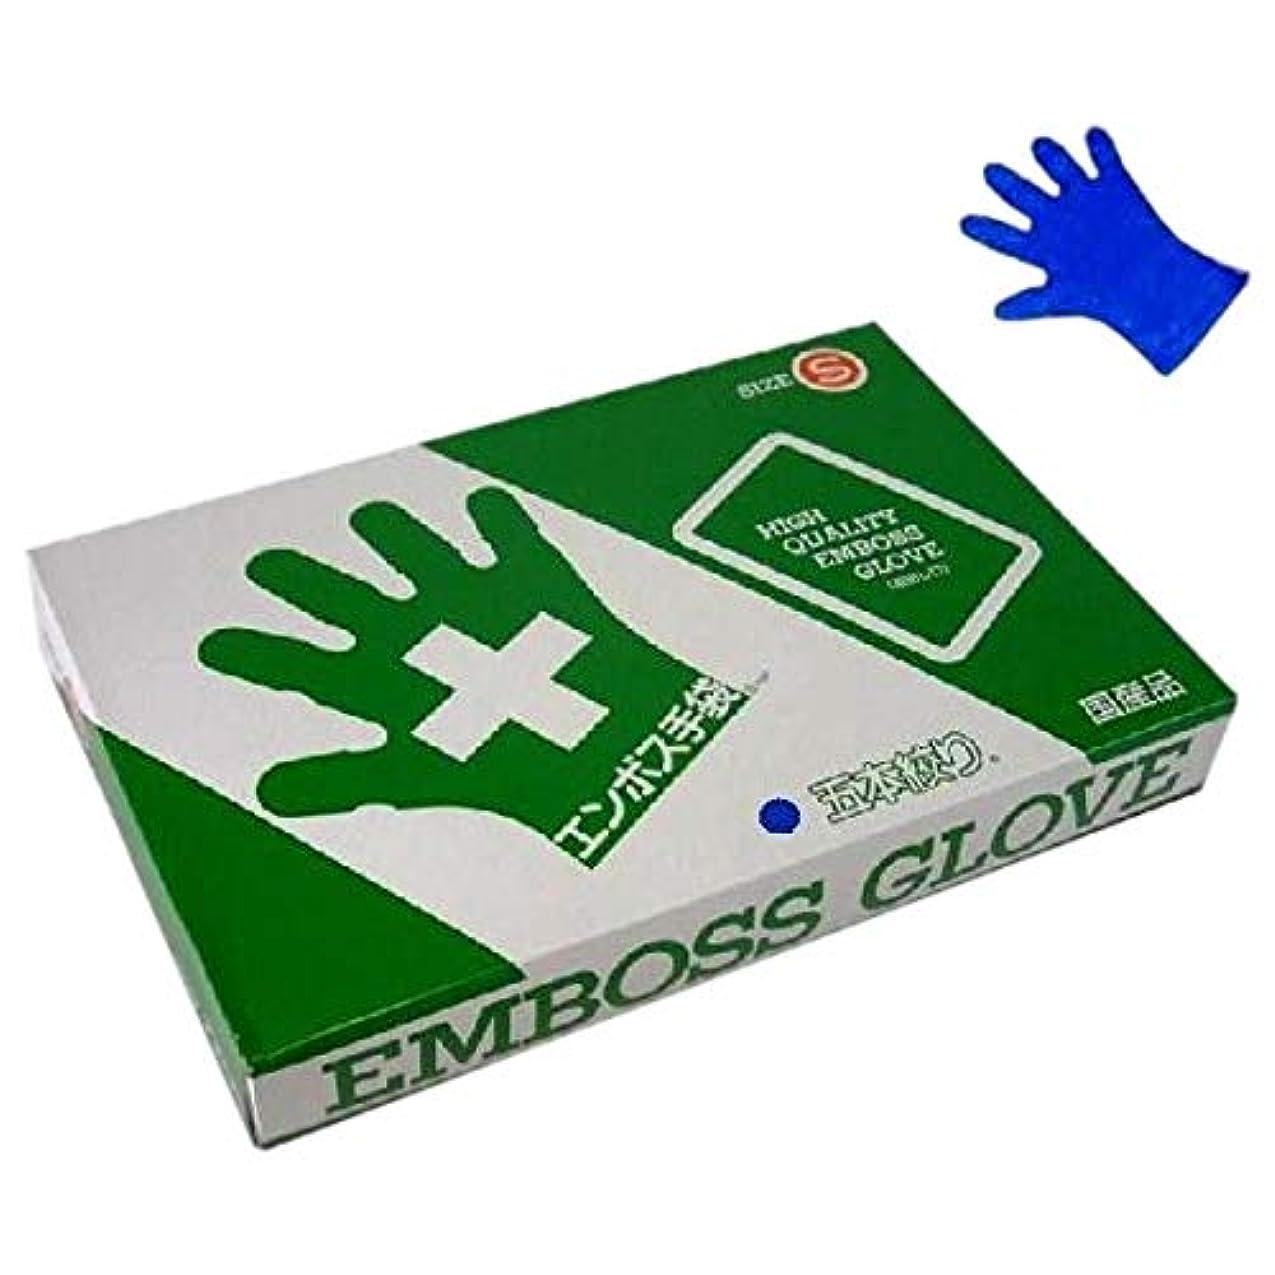 麦芽ミント品エンボス手袋 5本絞り ブルータイプ 化粧箱入 東京パック S 200枚入×20箱